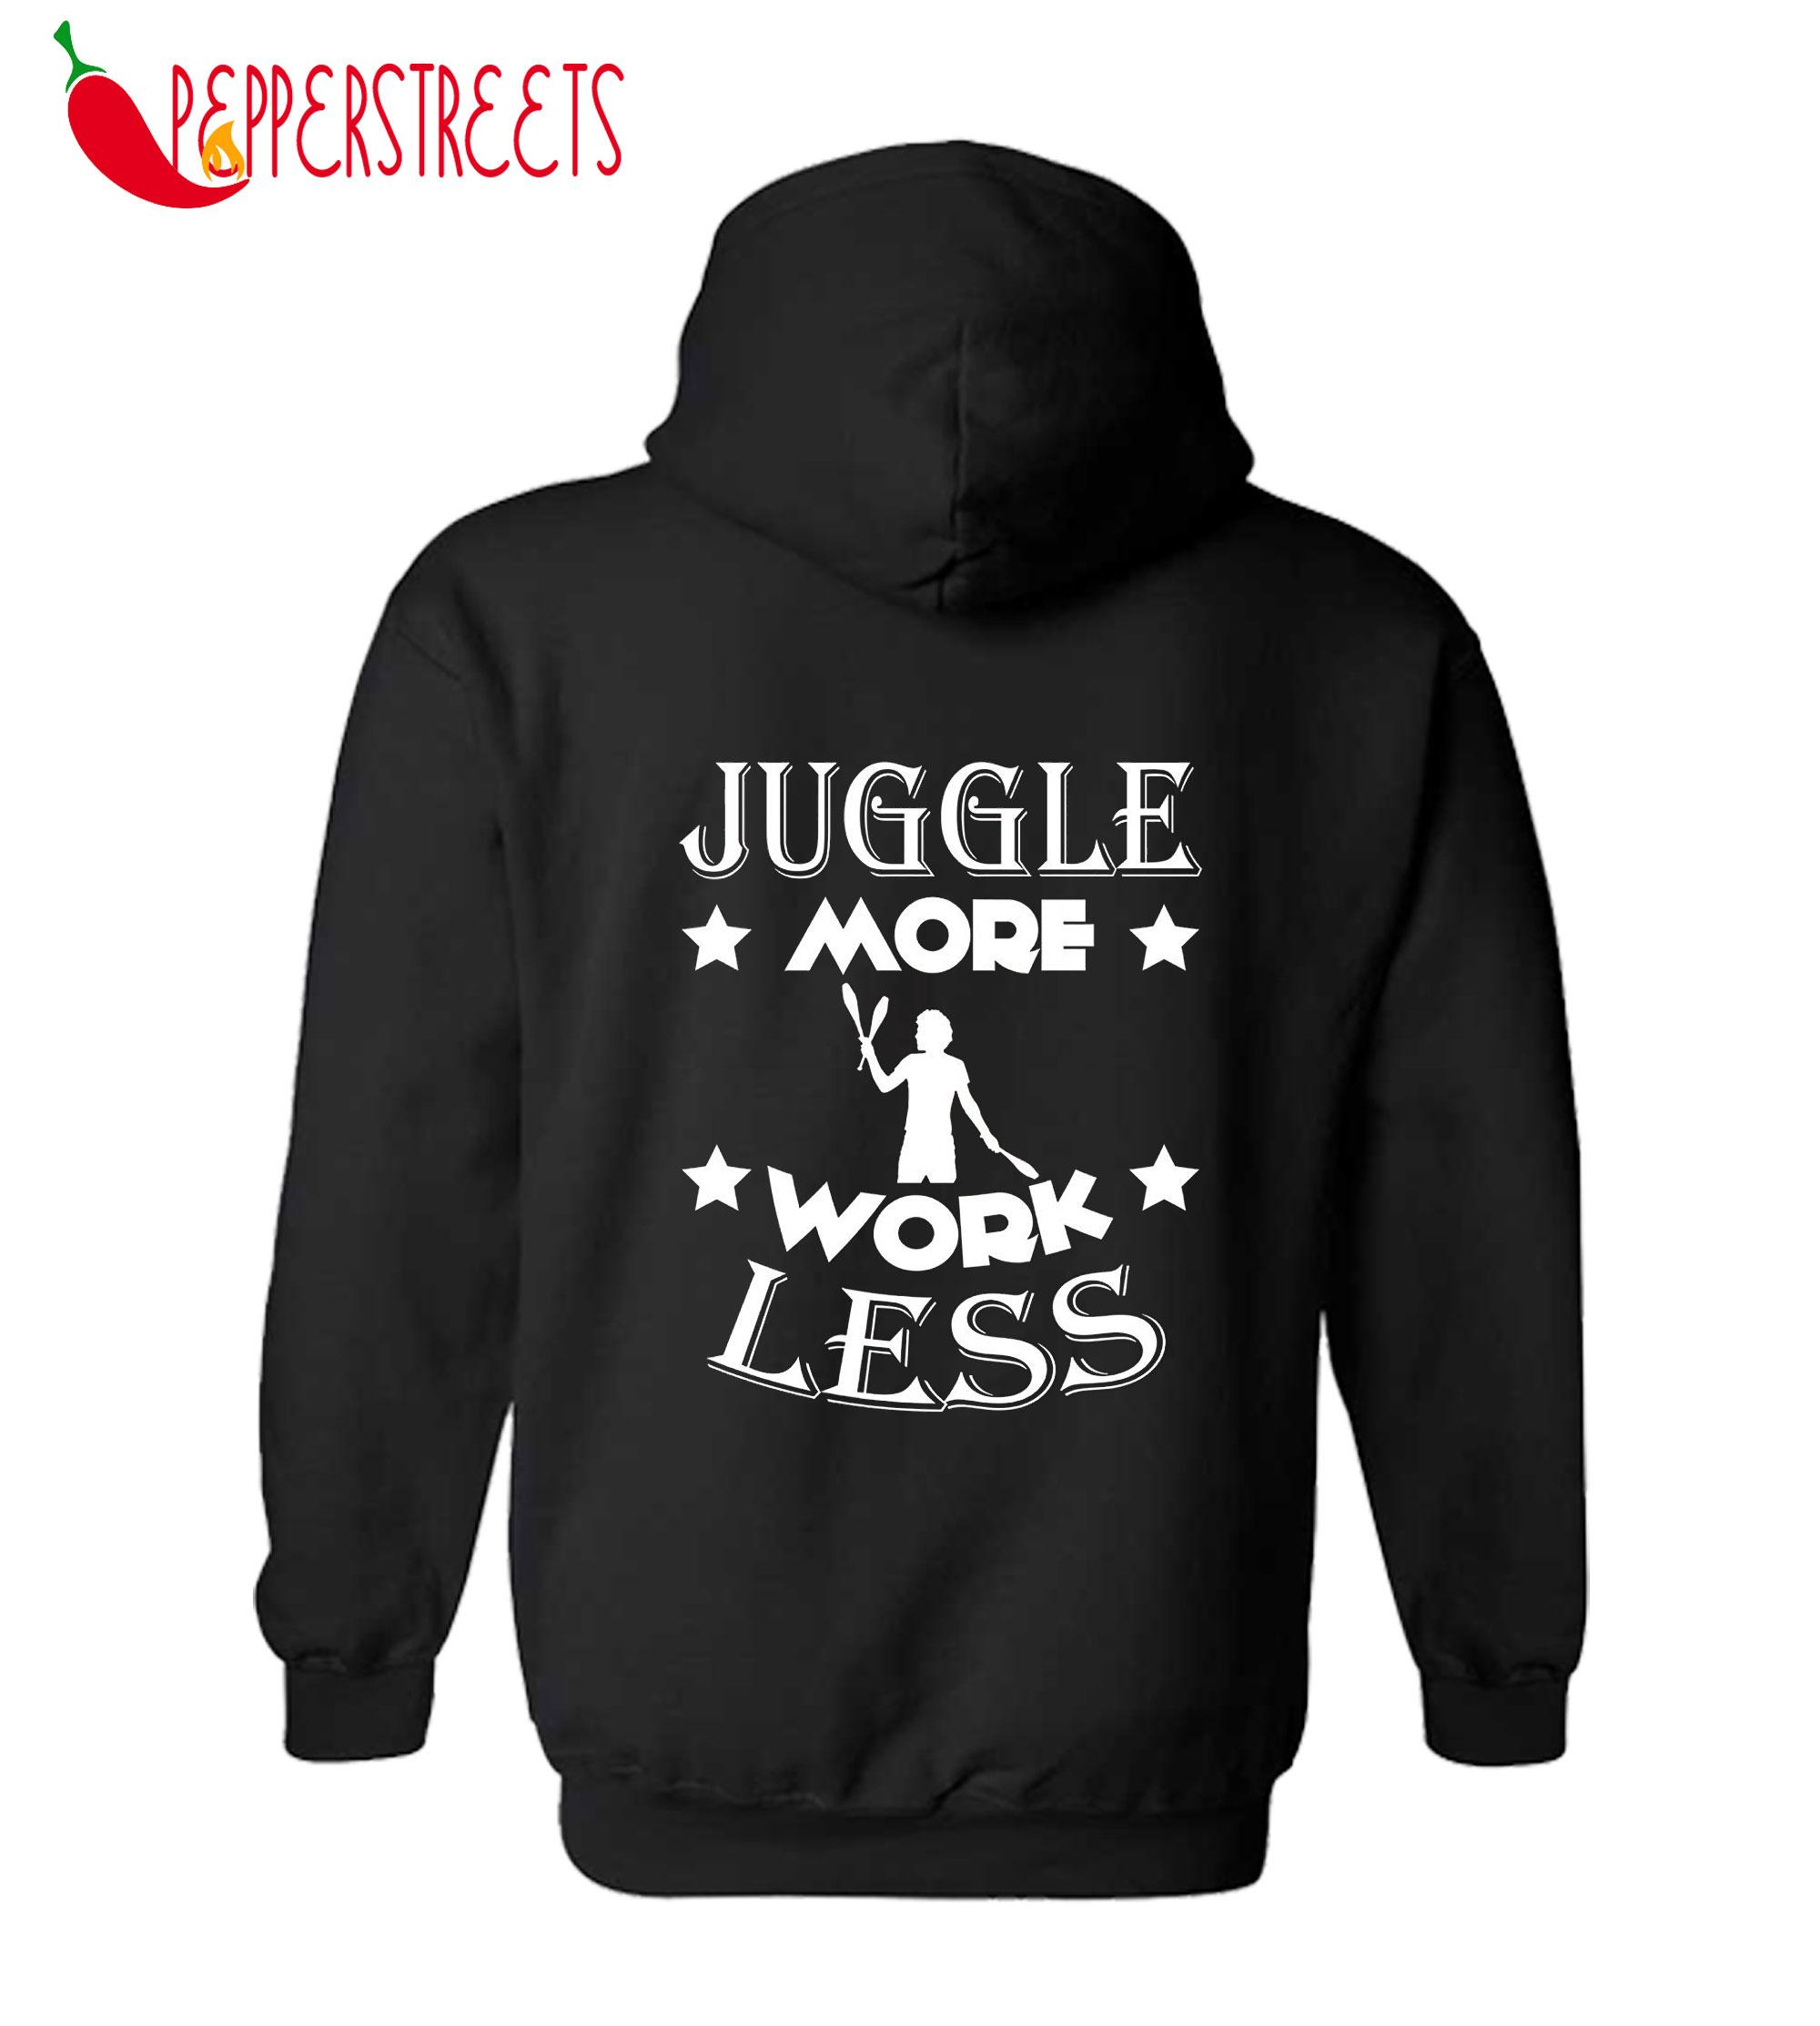 Play More Work Less Juggling Hoodie